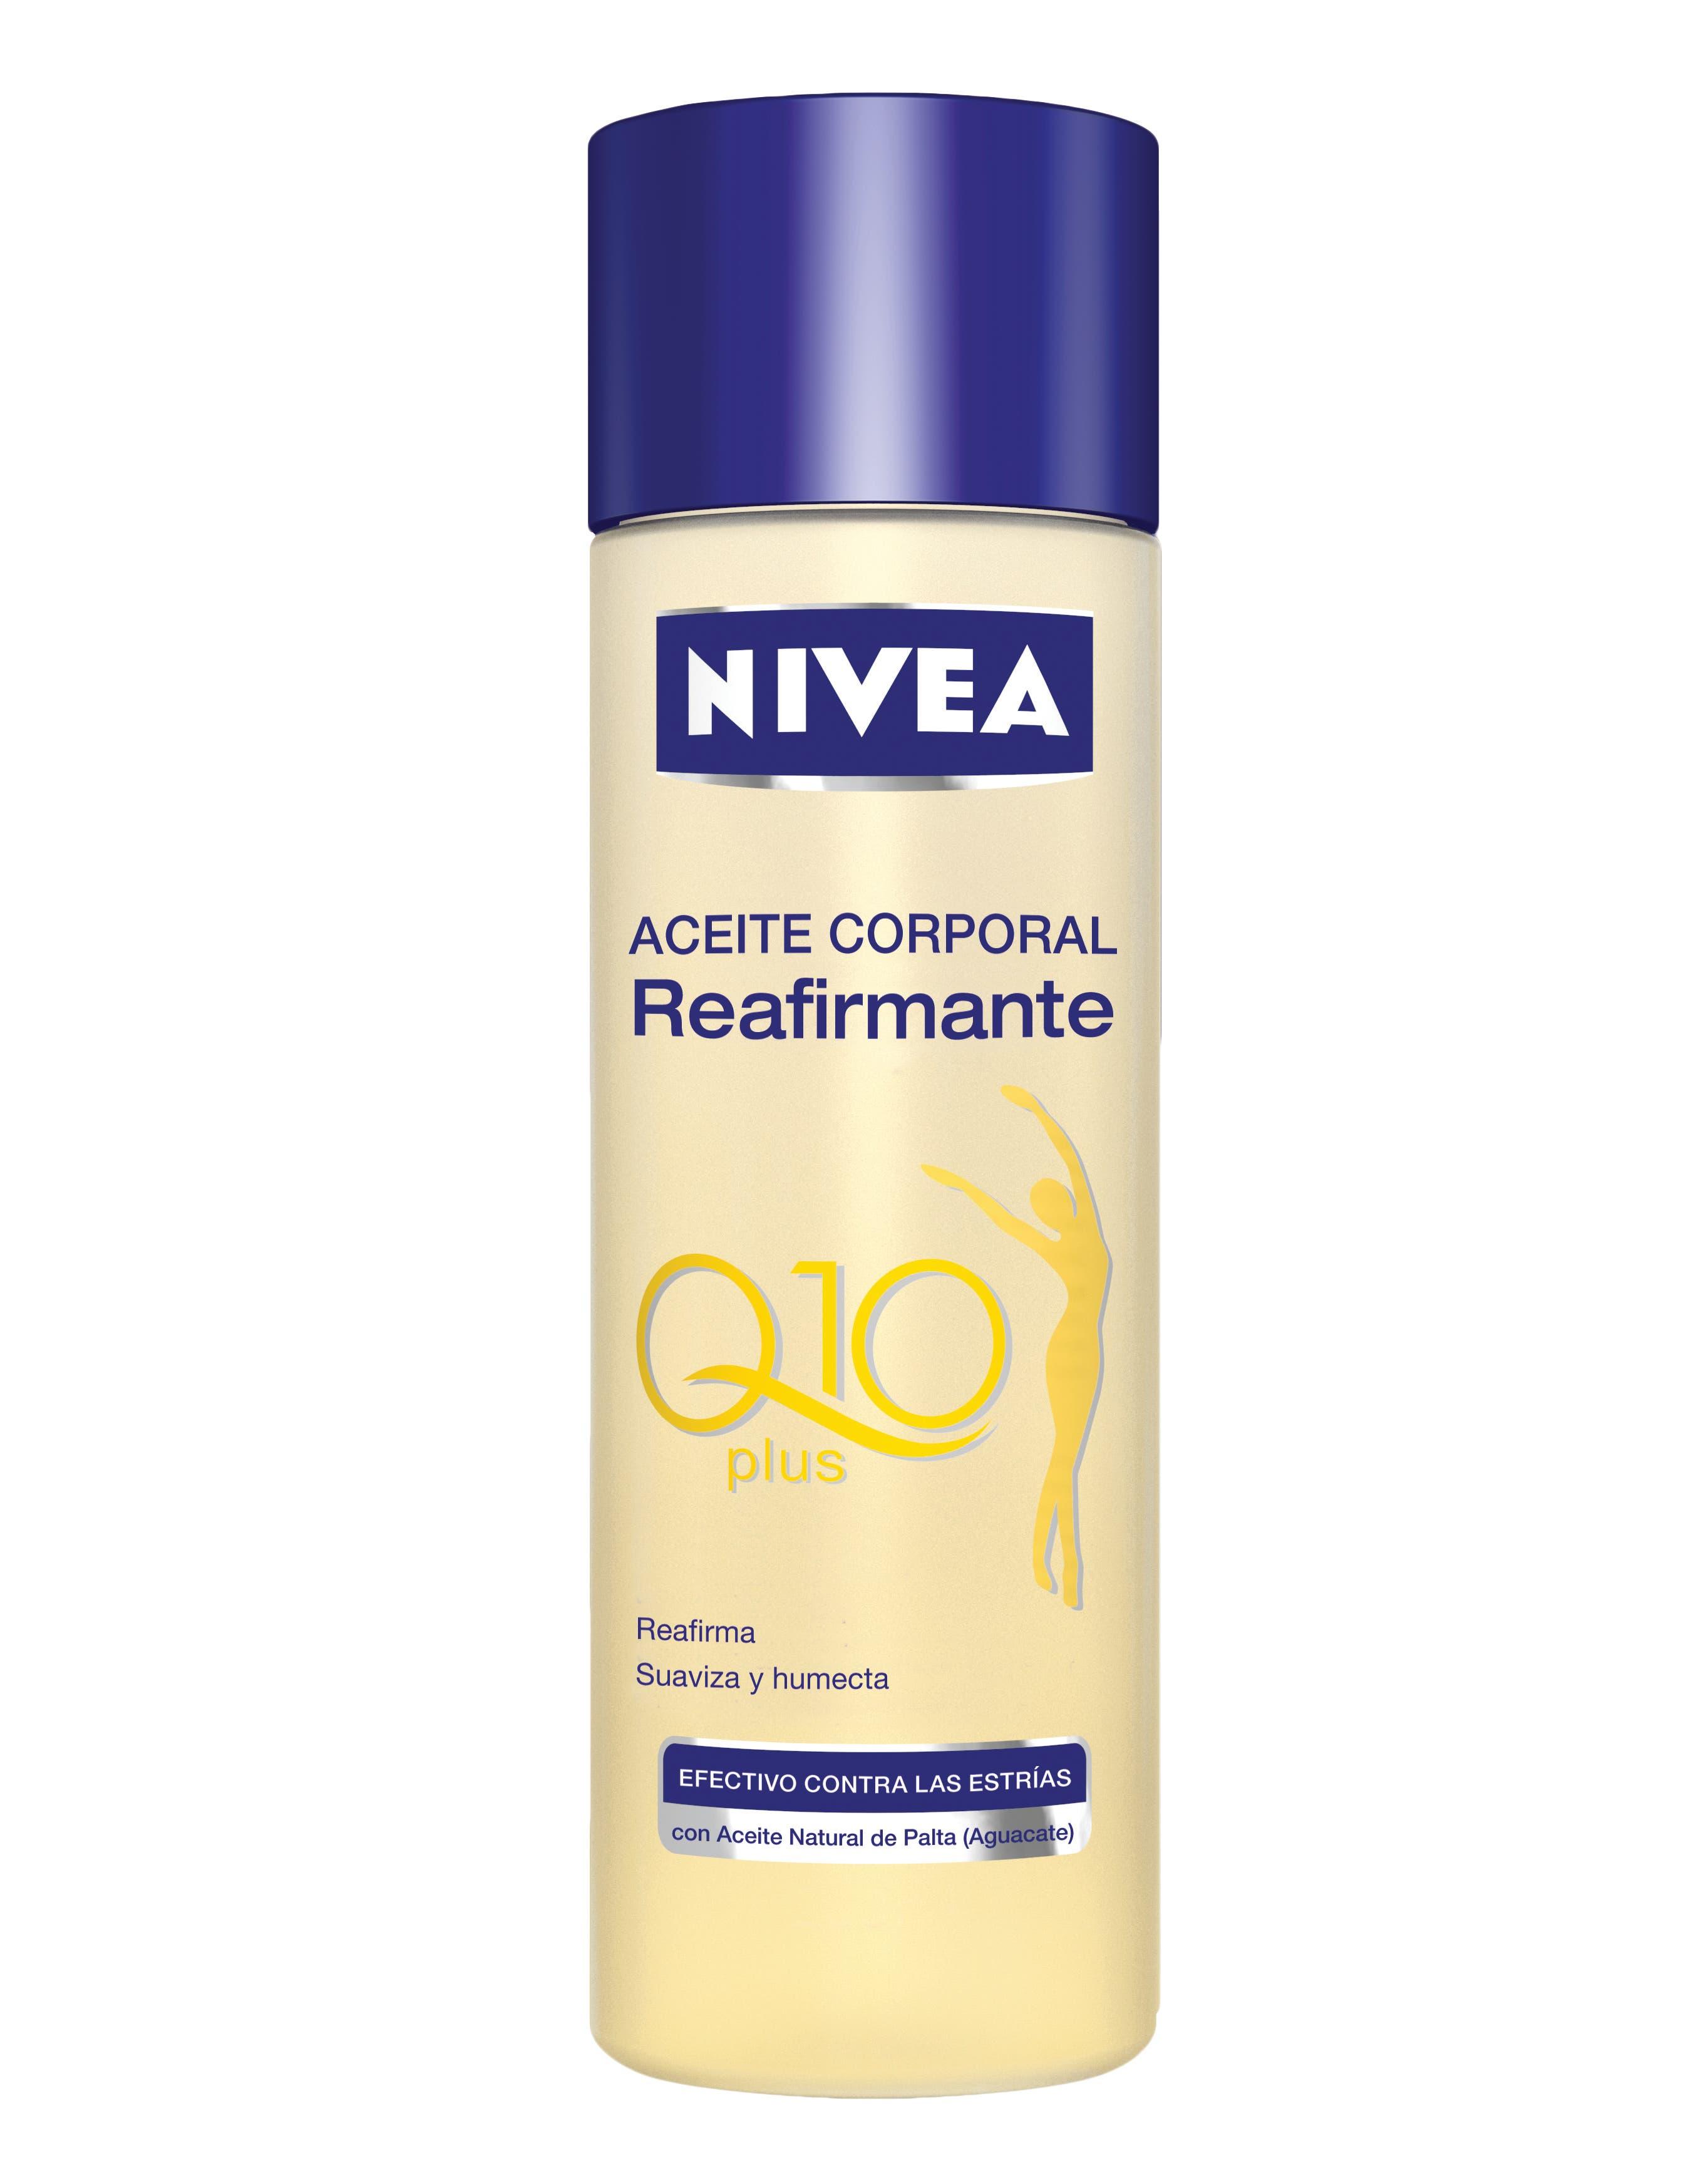 Aceite corporal con aceite de palta, reduce las estrías ($49,69 Nivea).